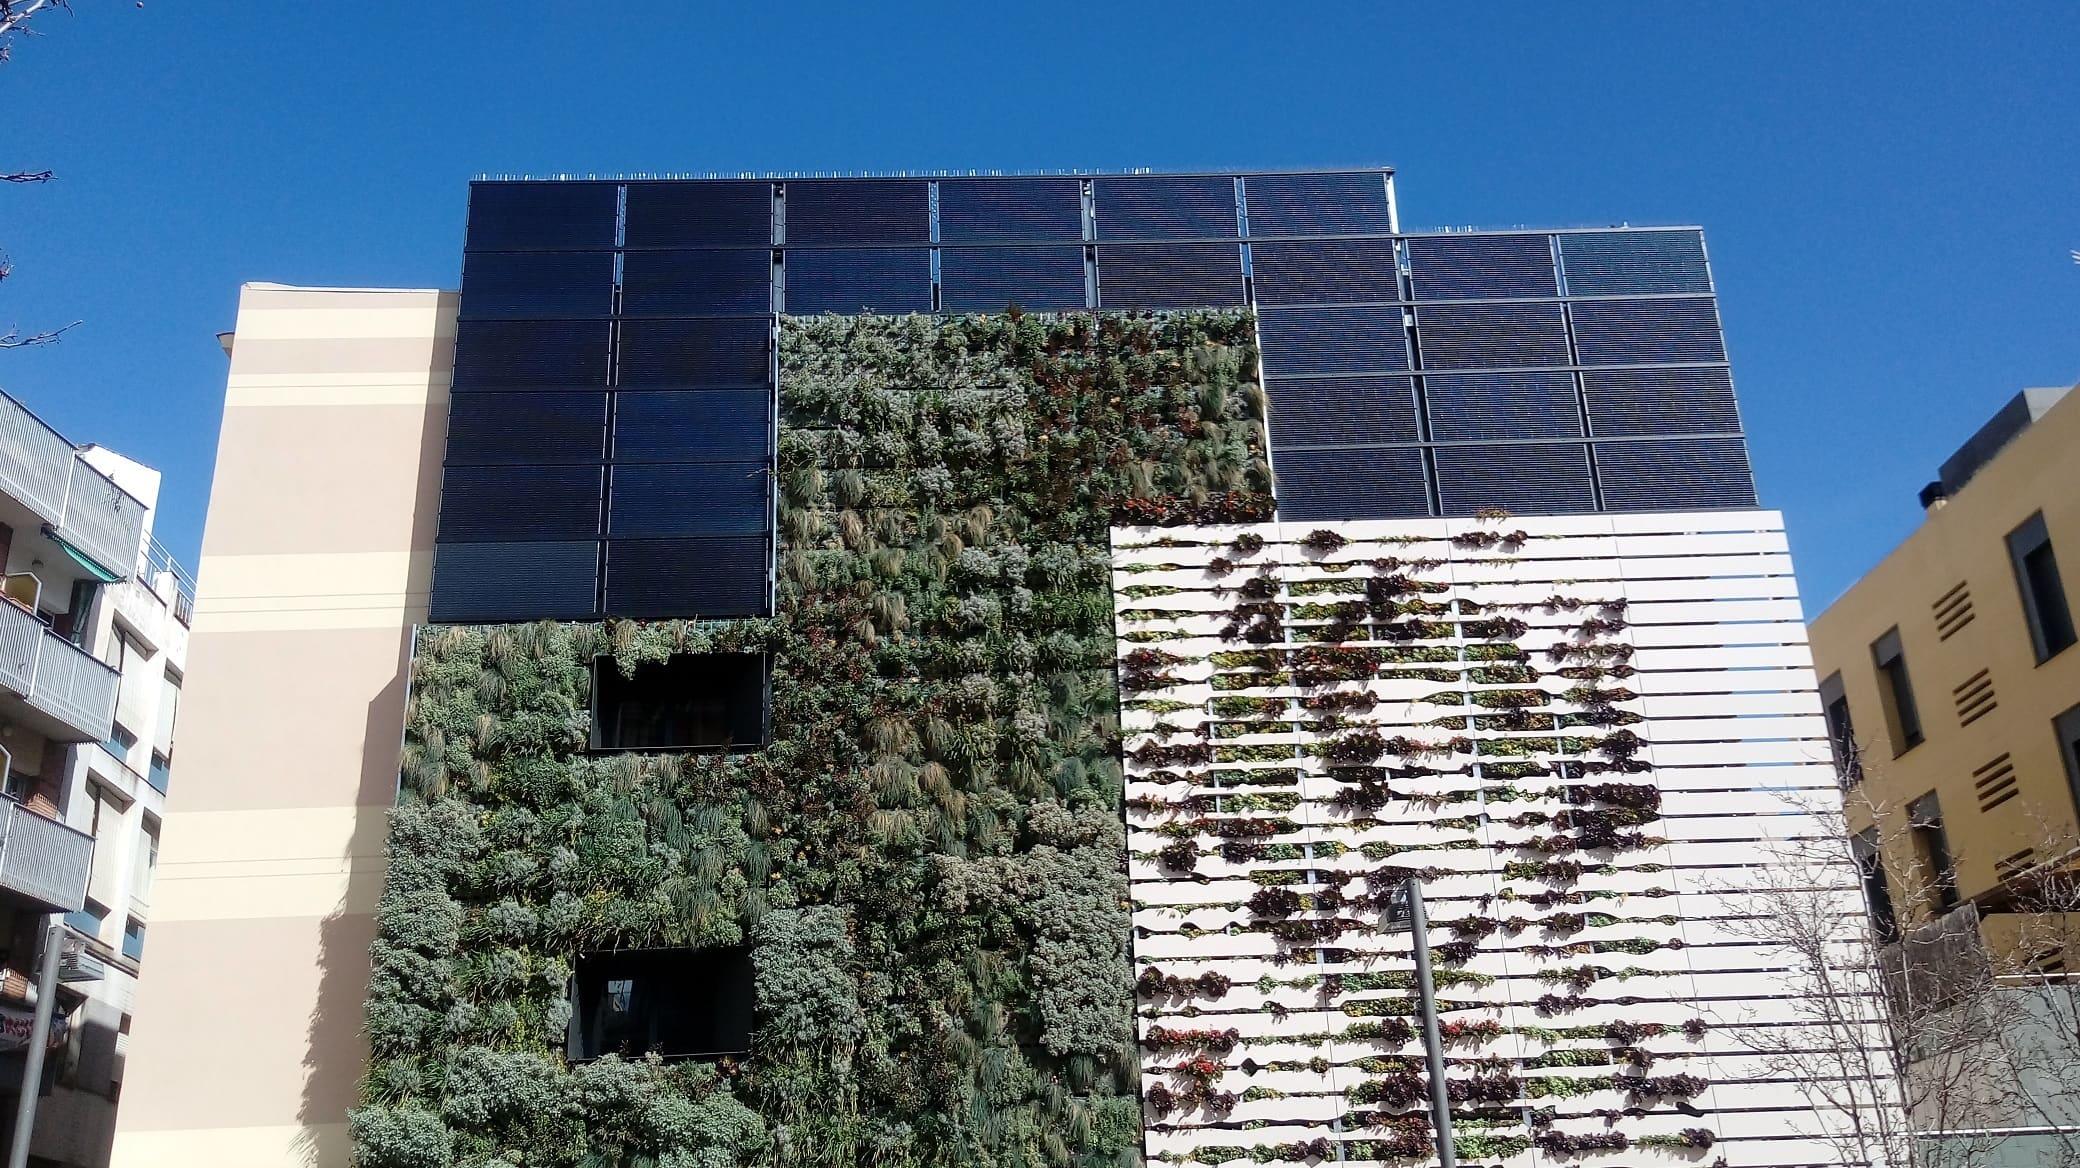 Instal·lació fotovoltaica integrada a façana (Barcelona)